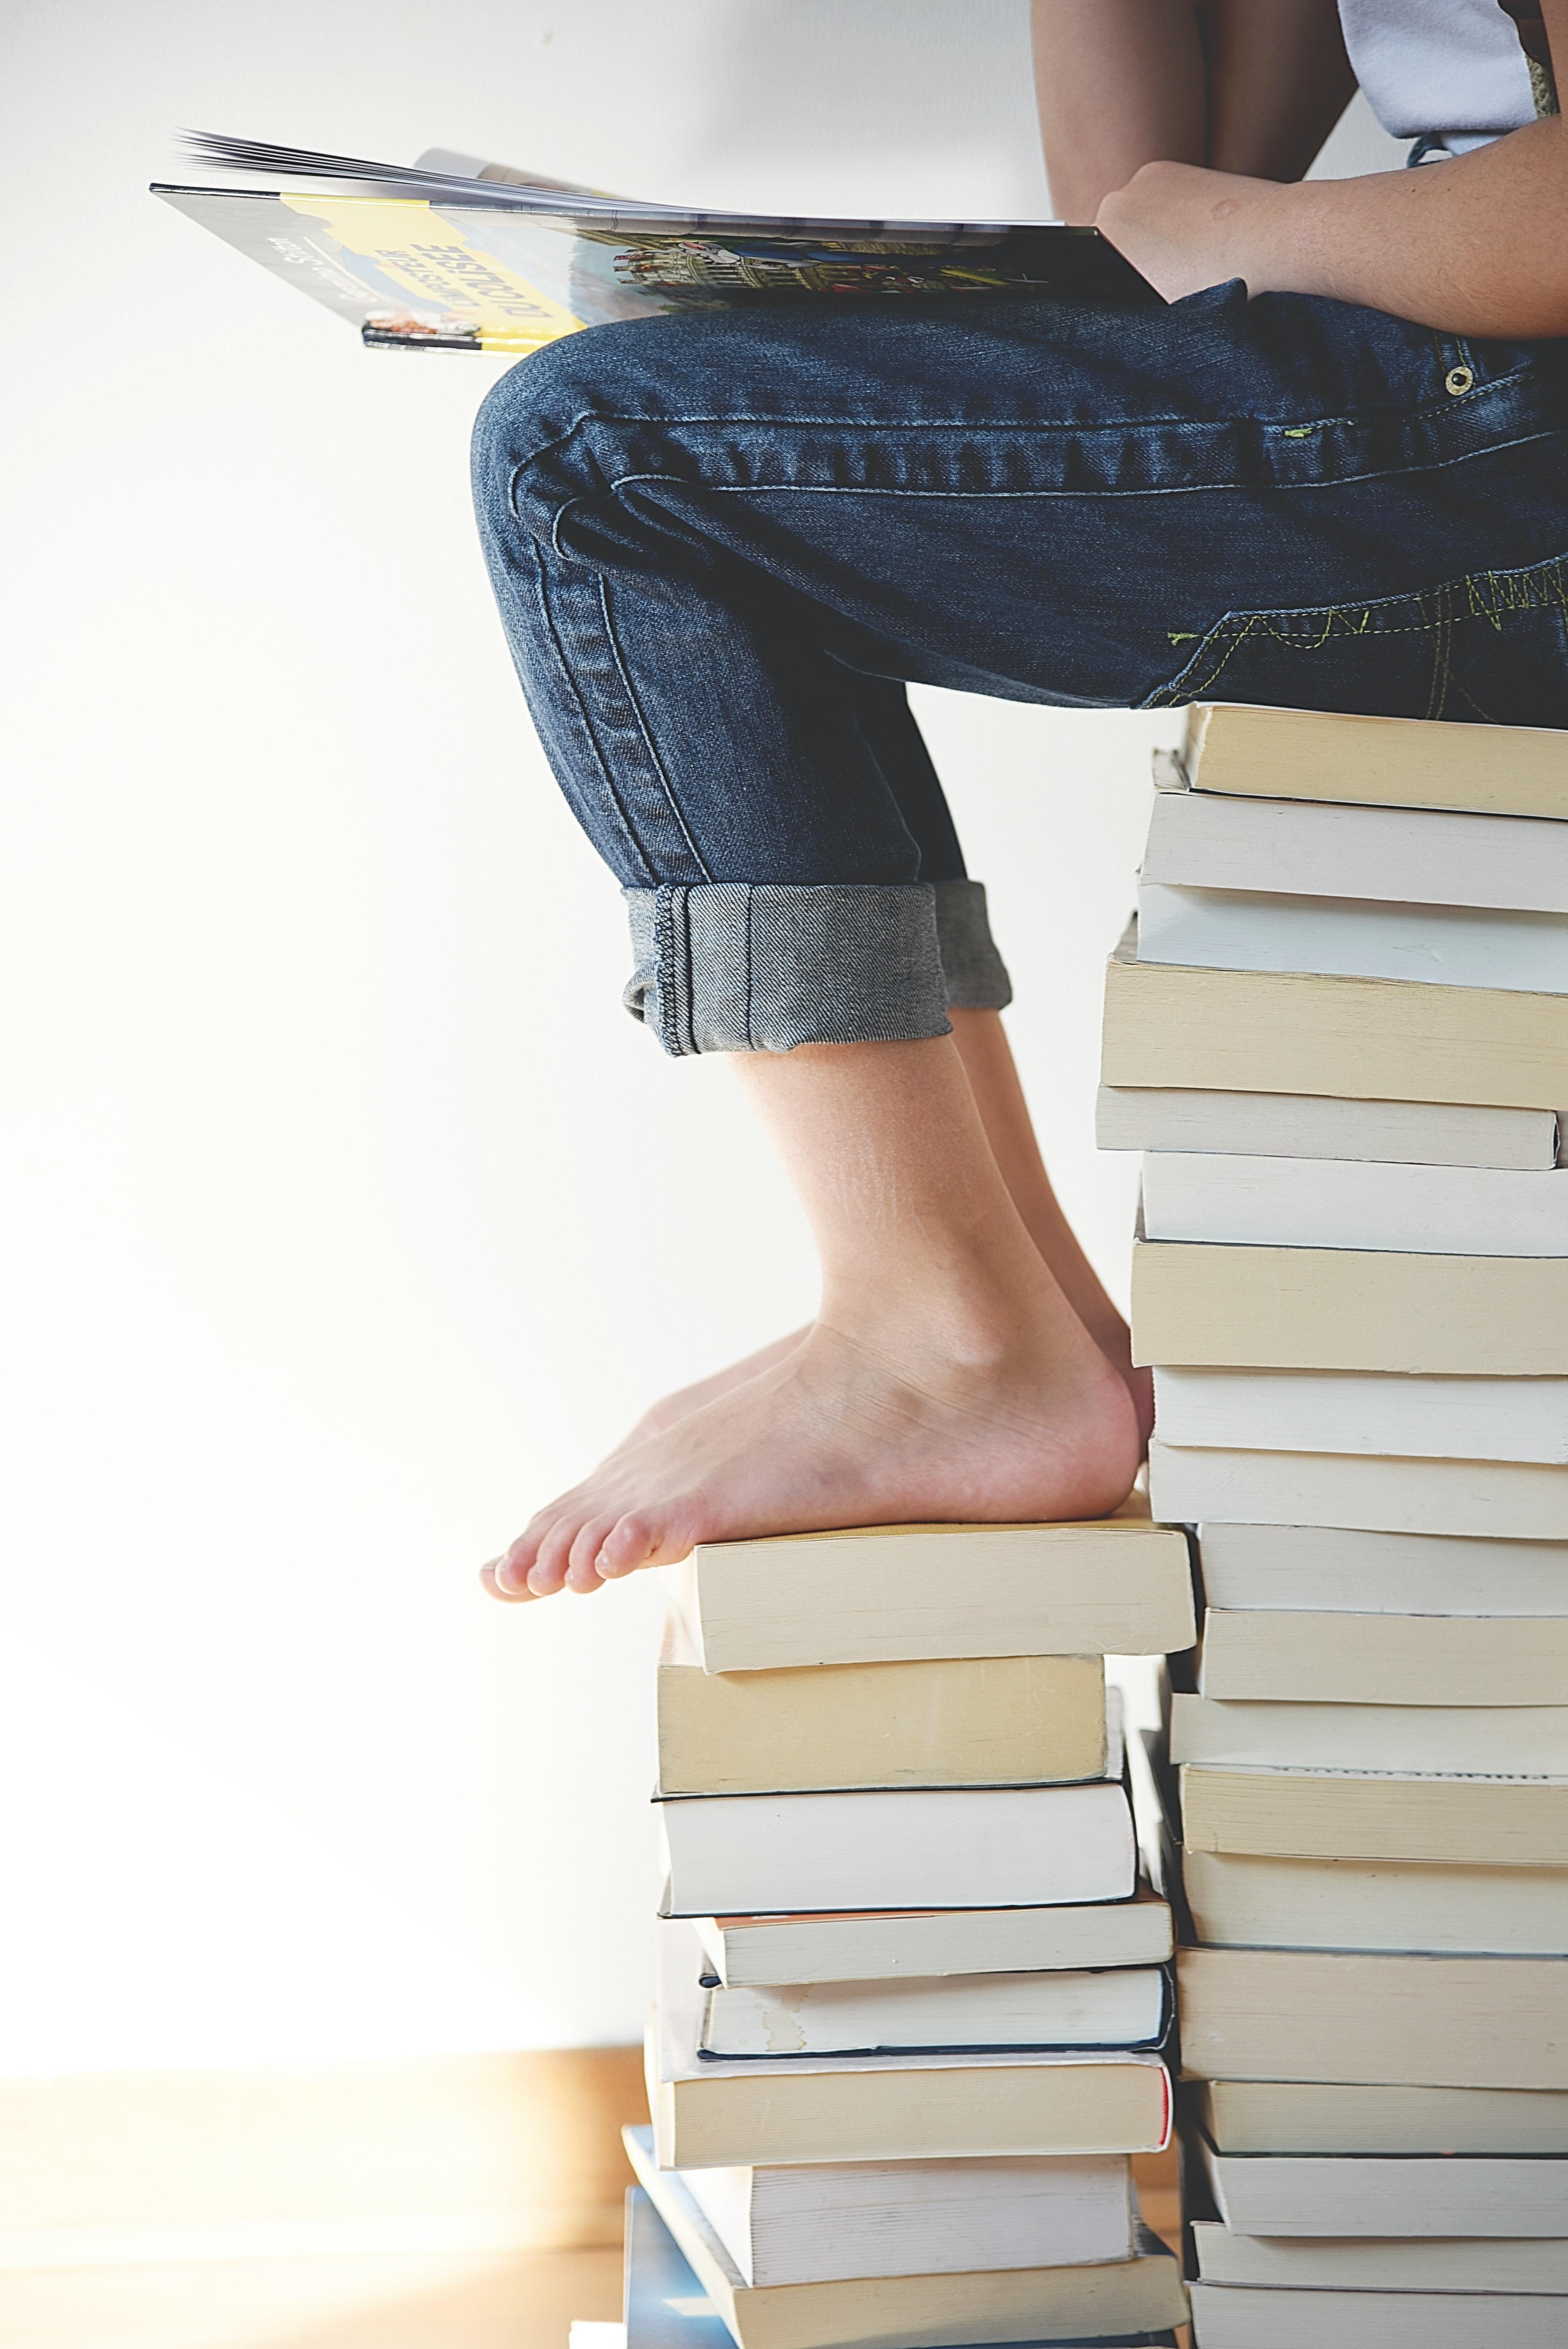 вебинар «Почему нельзя учить слова?» Марии Ковиной-Горелик | проект How to Know How о бережном изучении английского языка